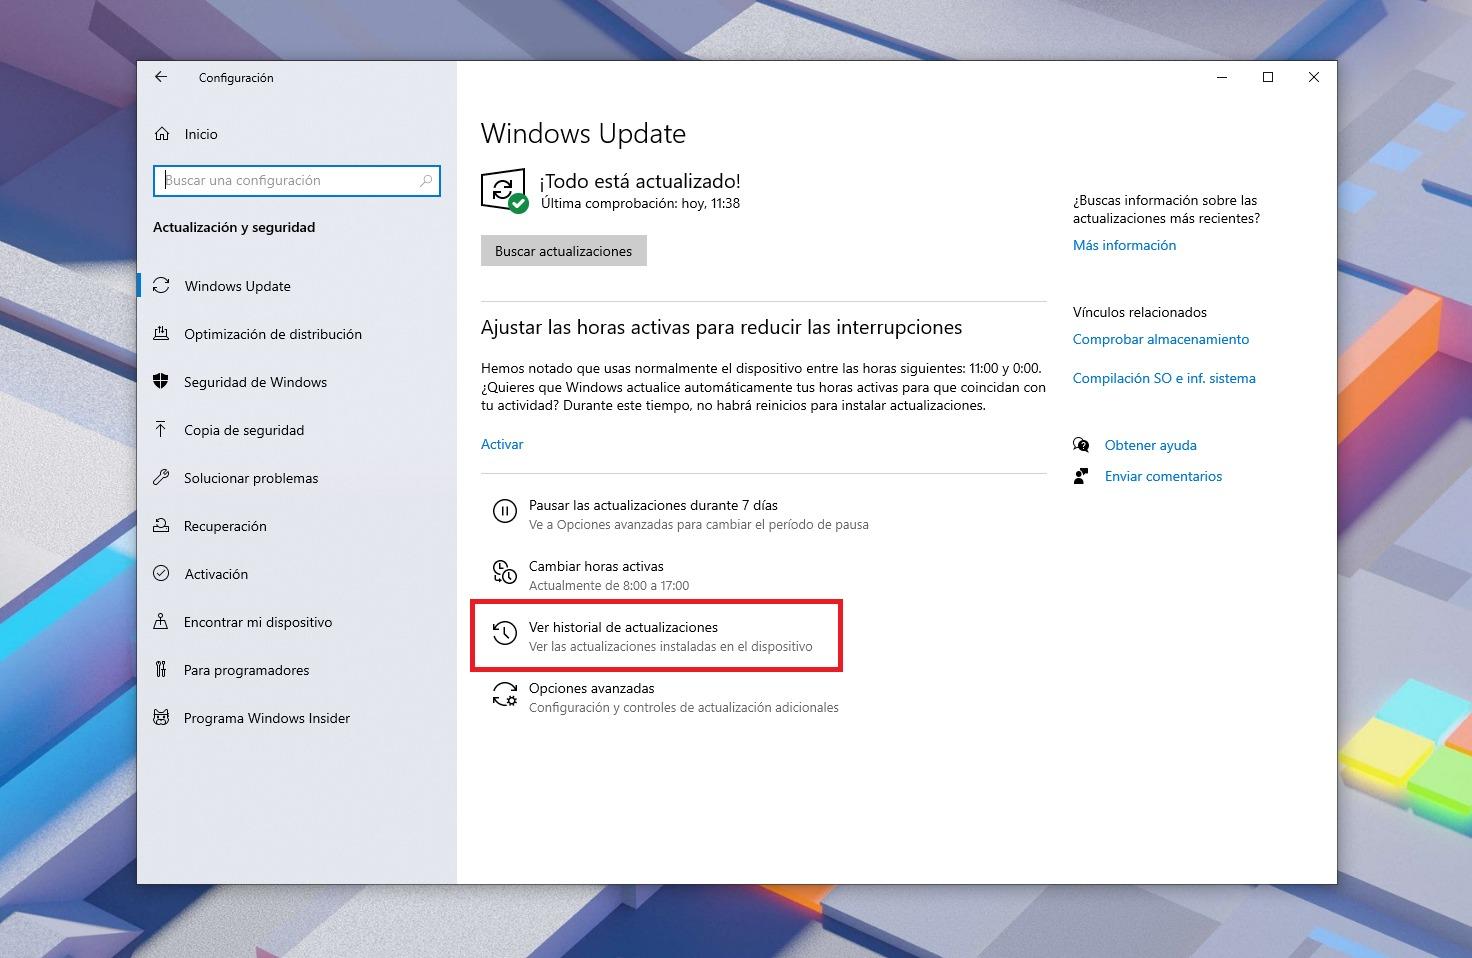 Désinstaller les mises à jour de Windows Update